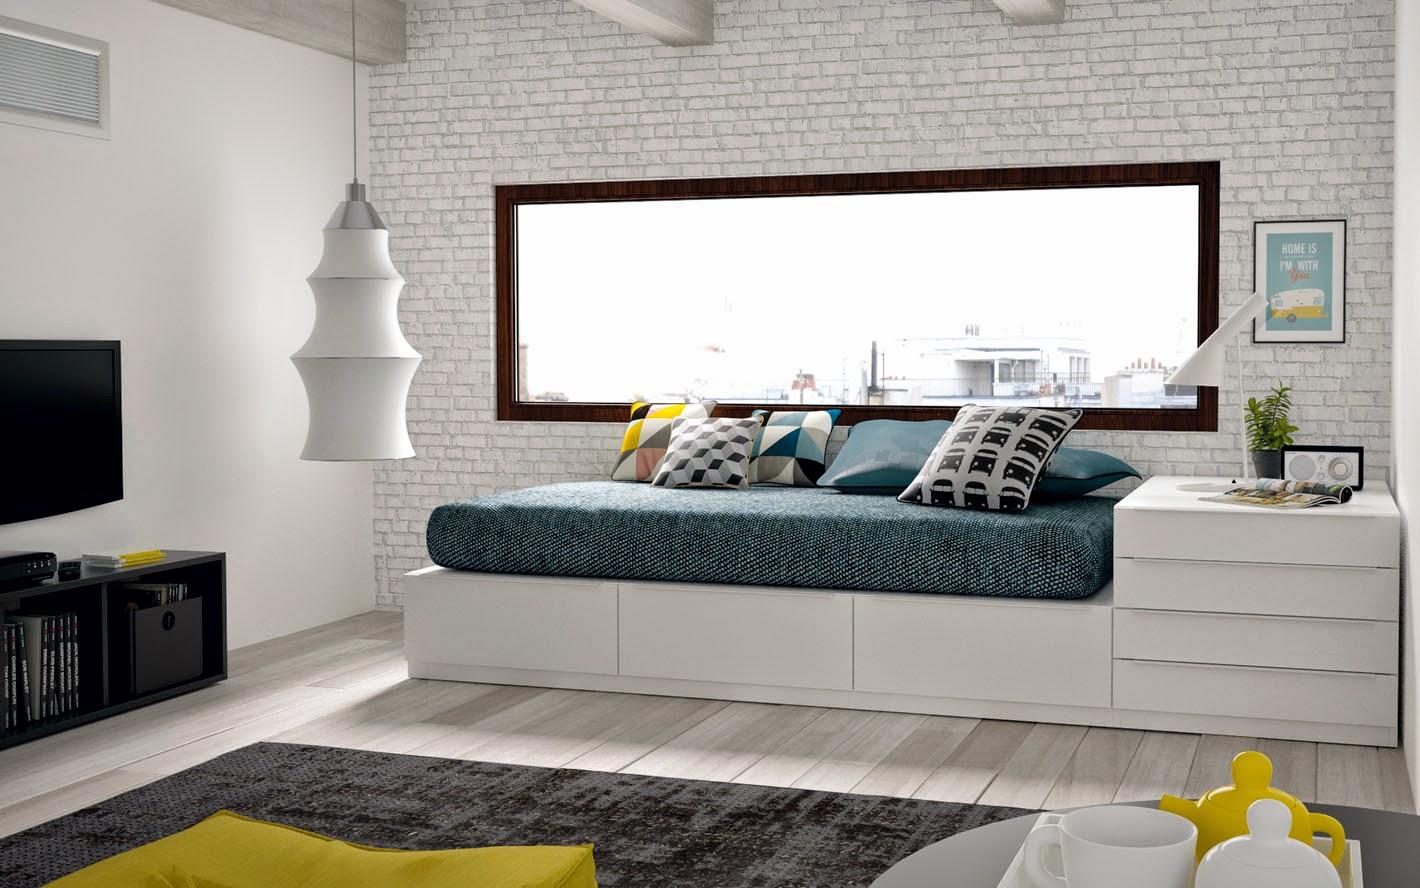 Amueblar habitaciones juveniles modernas - Dormitorios dobles juveniles ...